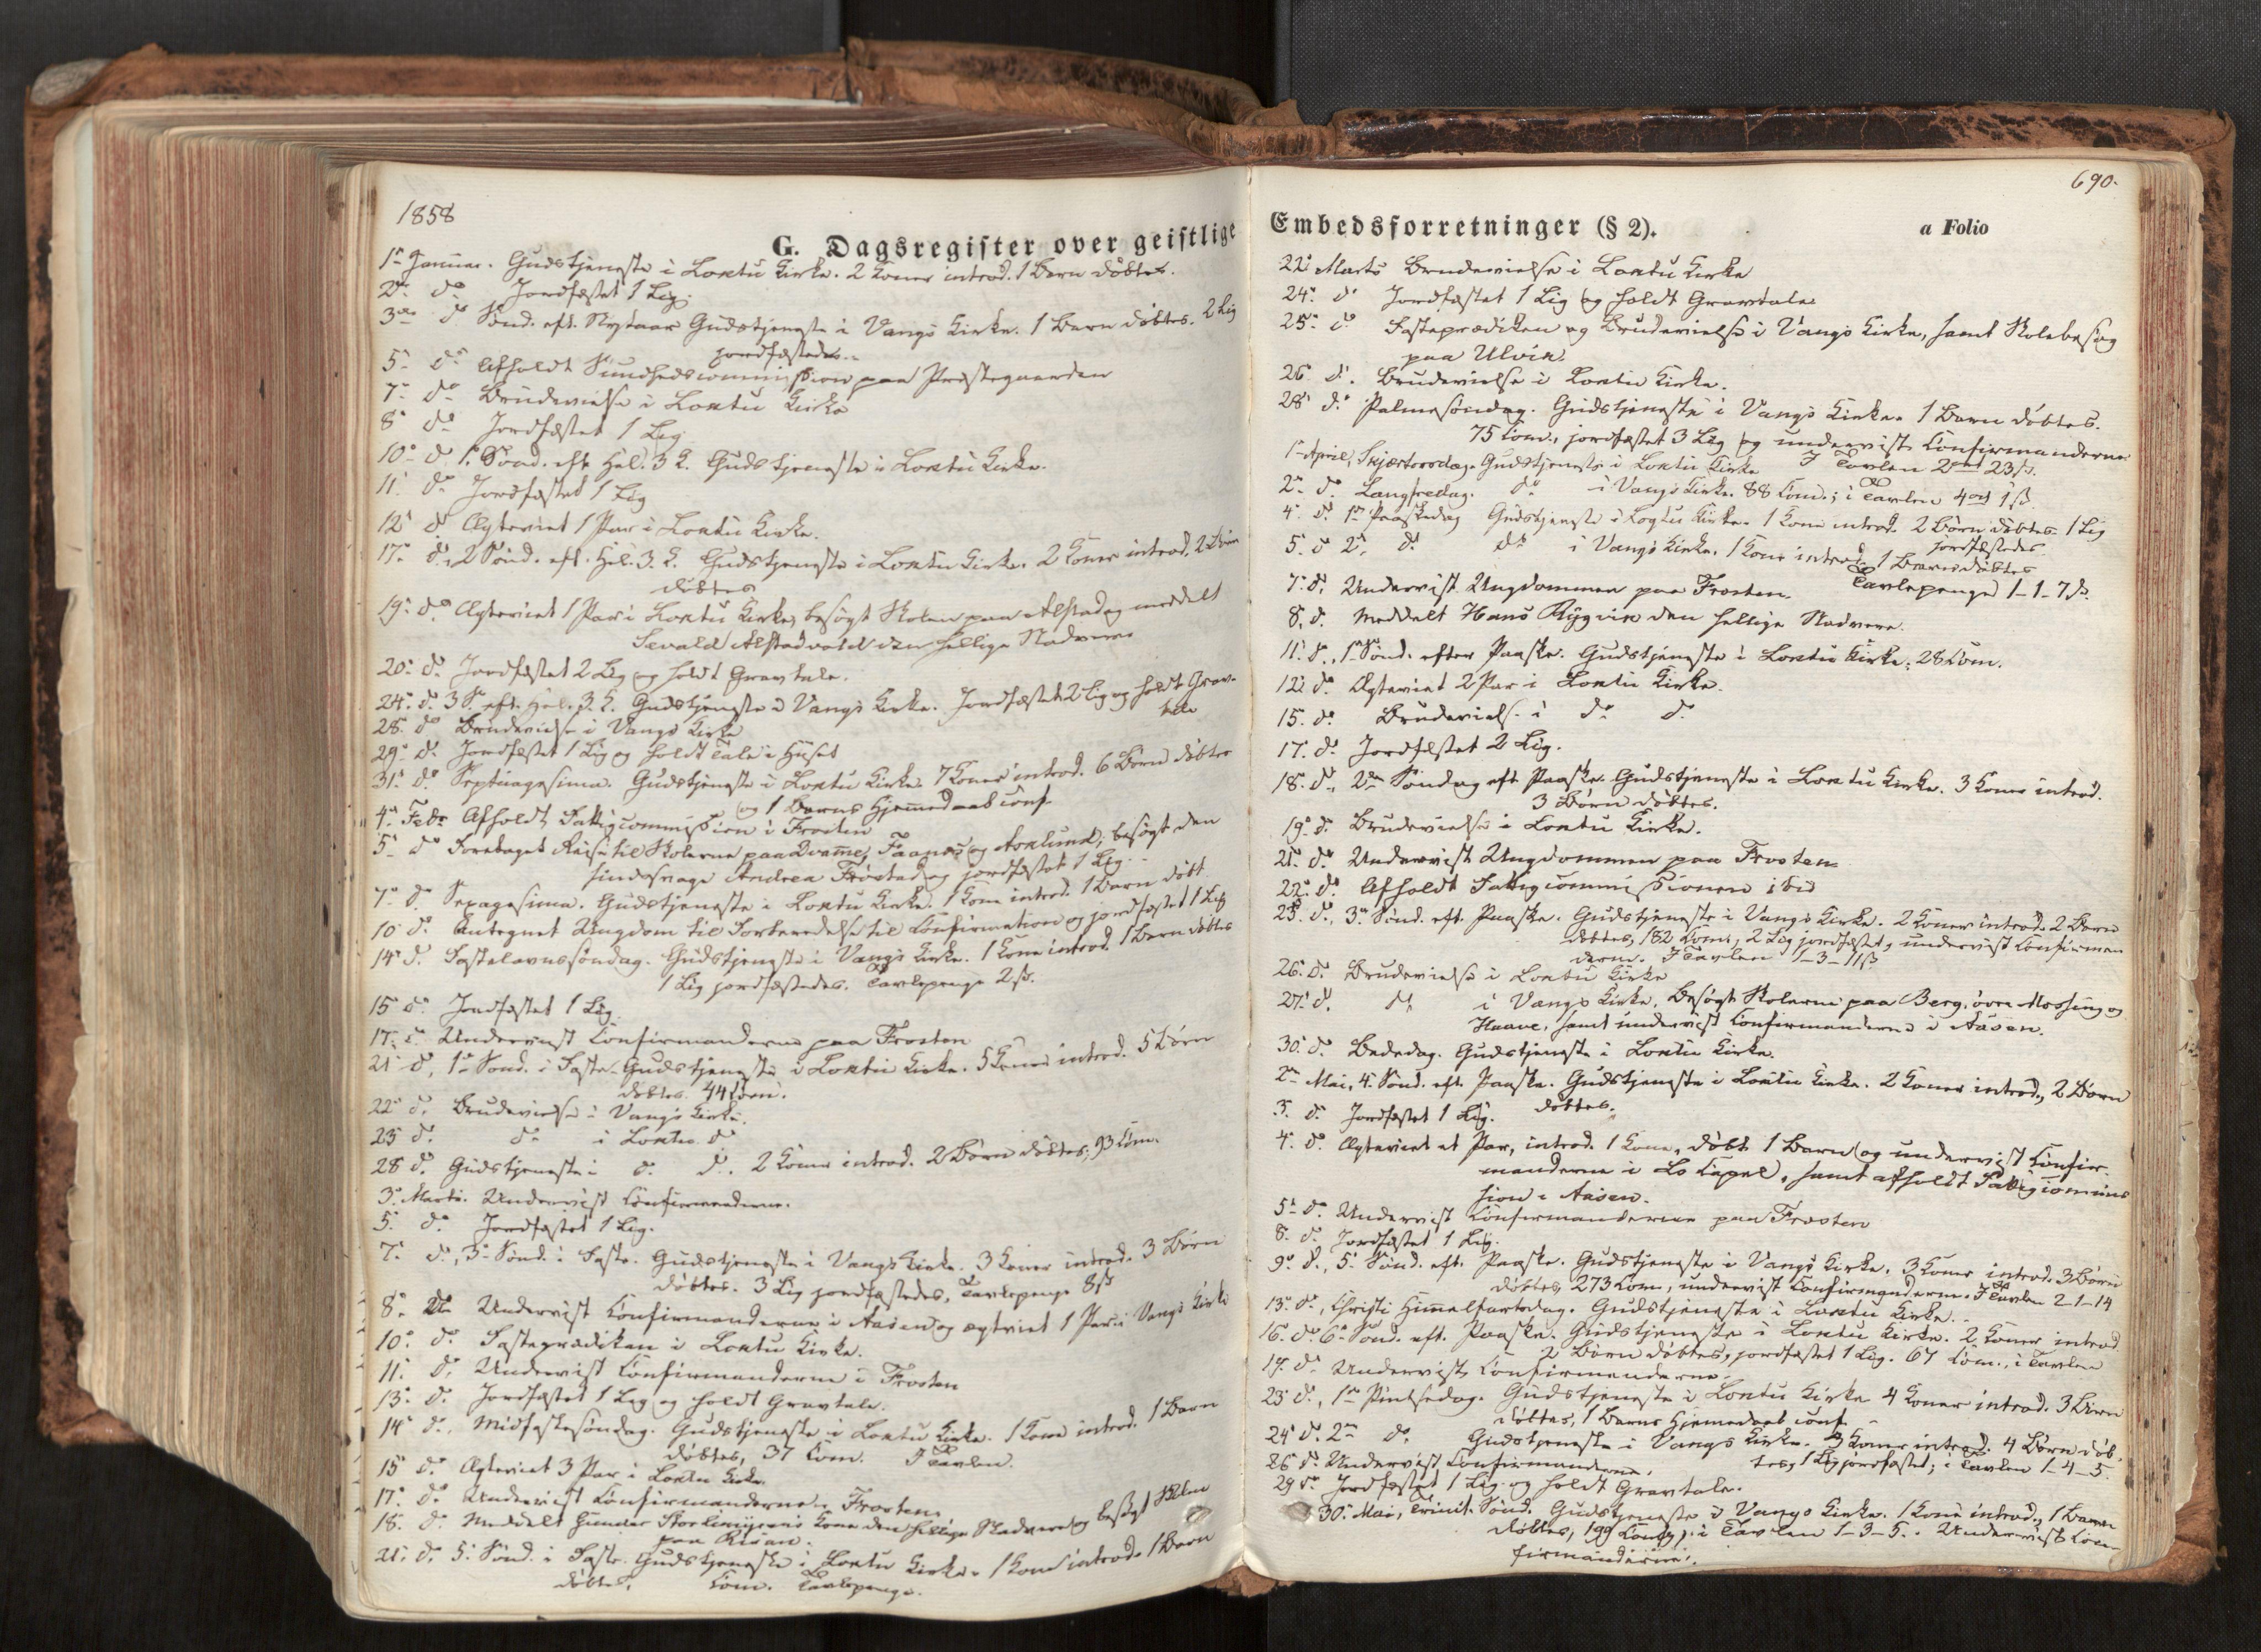 SAT, Ministerialprotokoller, klokkerbøker og fødselsregistre - Nord-Trøndelag, 713/L0116: Ministerialbok nr. 713A07, 1850-1877, s. 690